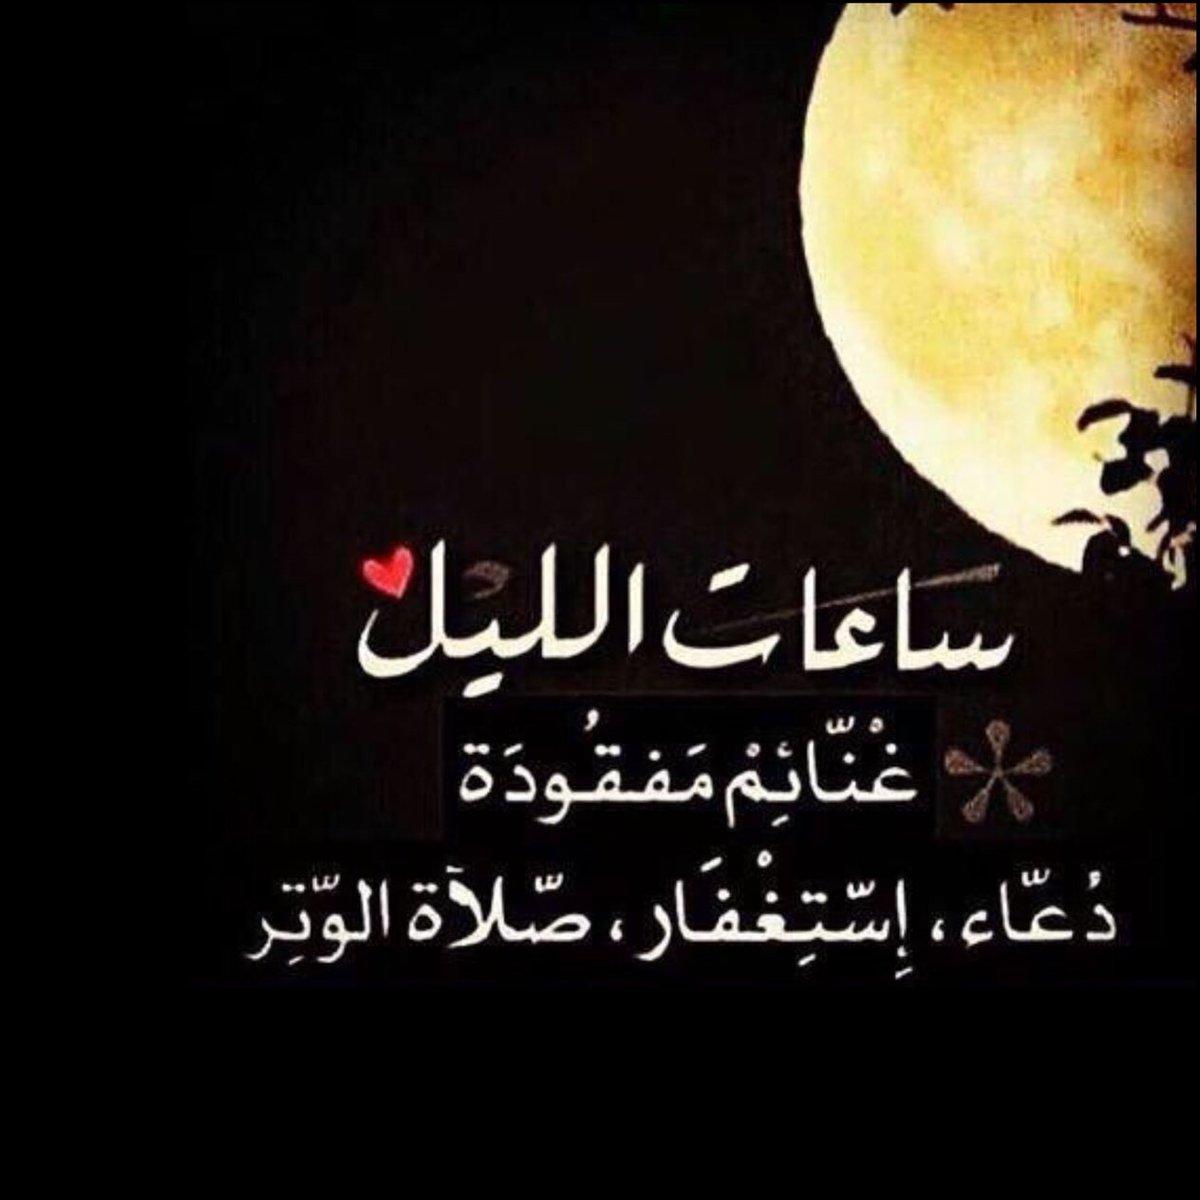 اذكار اخر الليل ودعاء النبي في صلاة التهجد